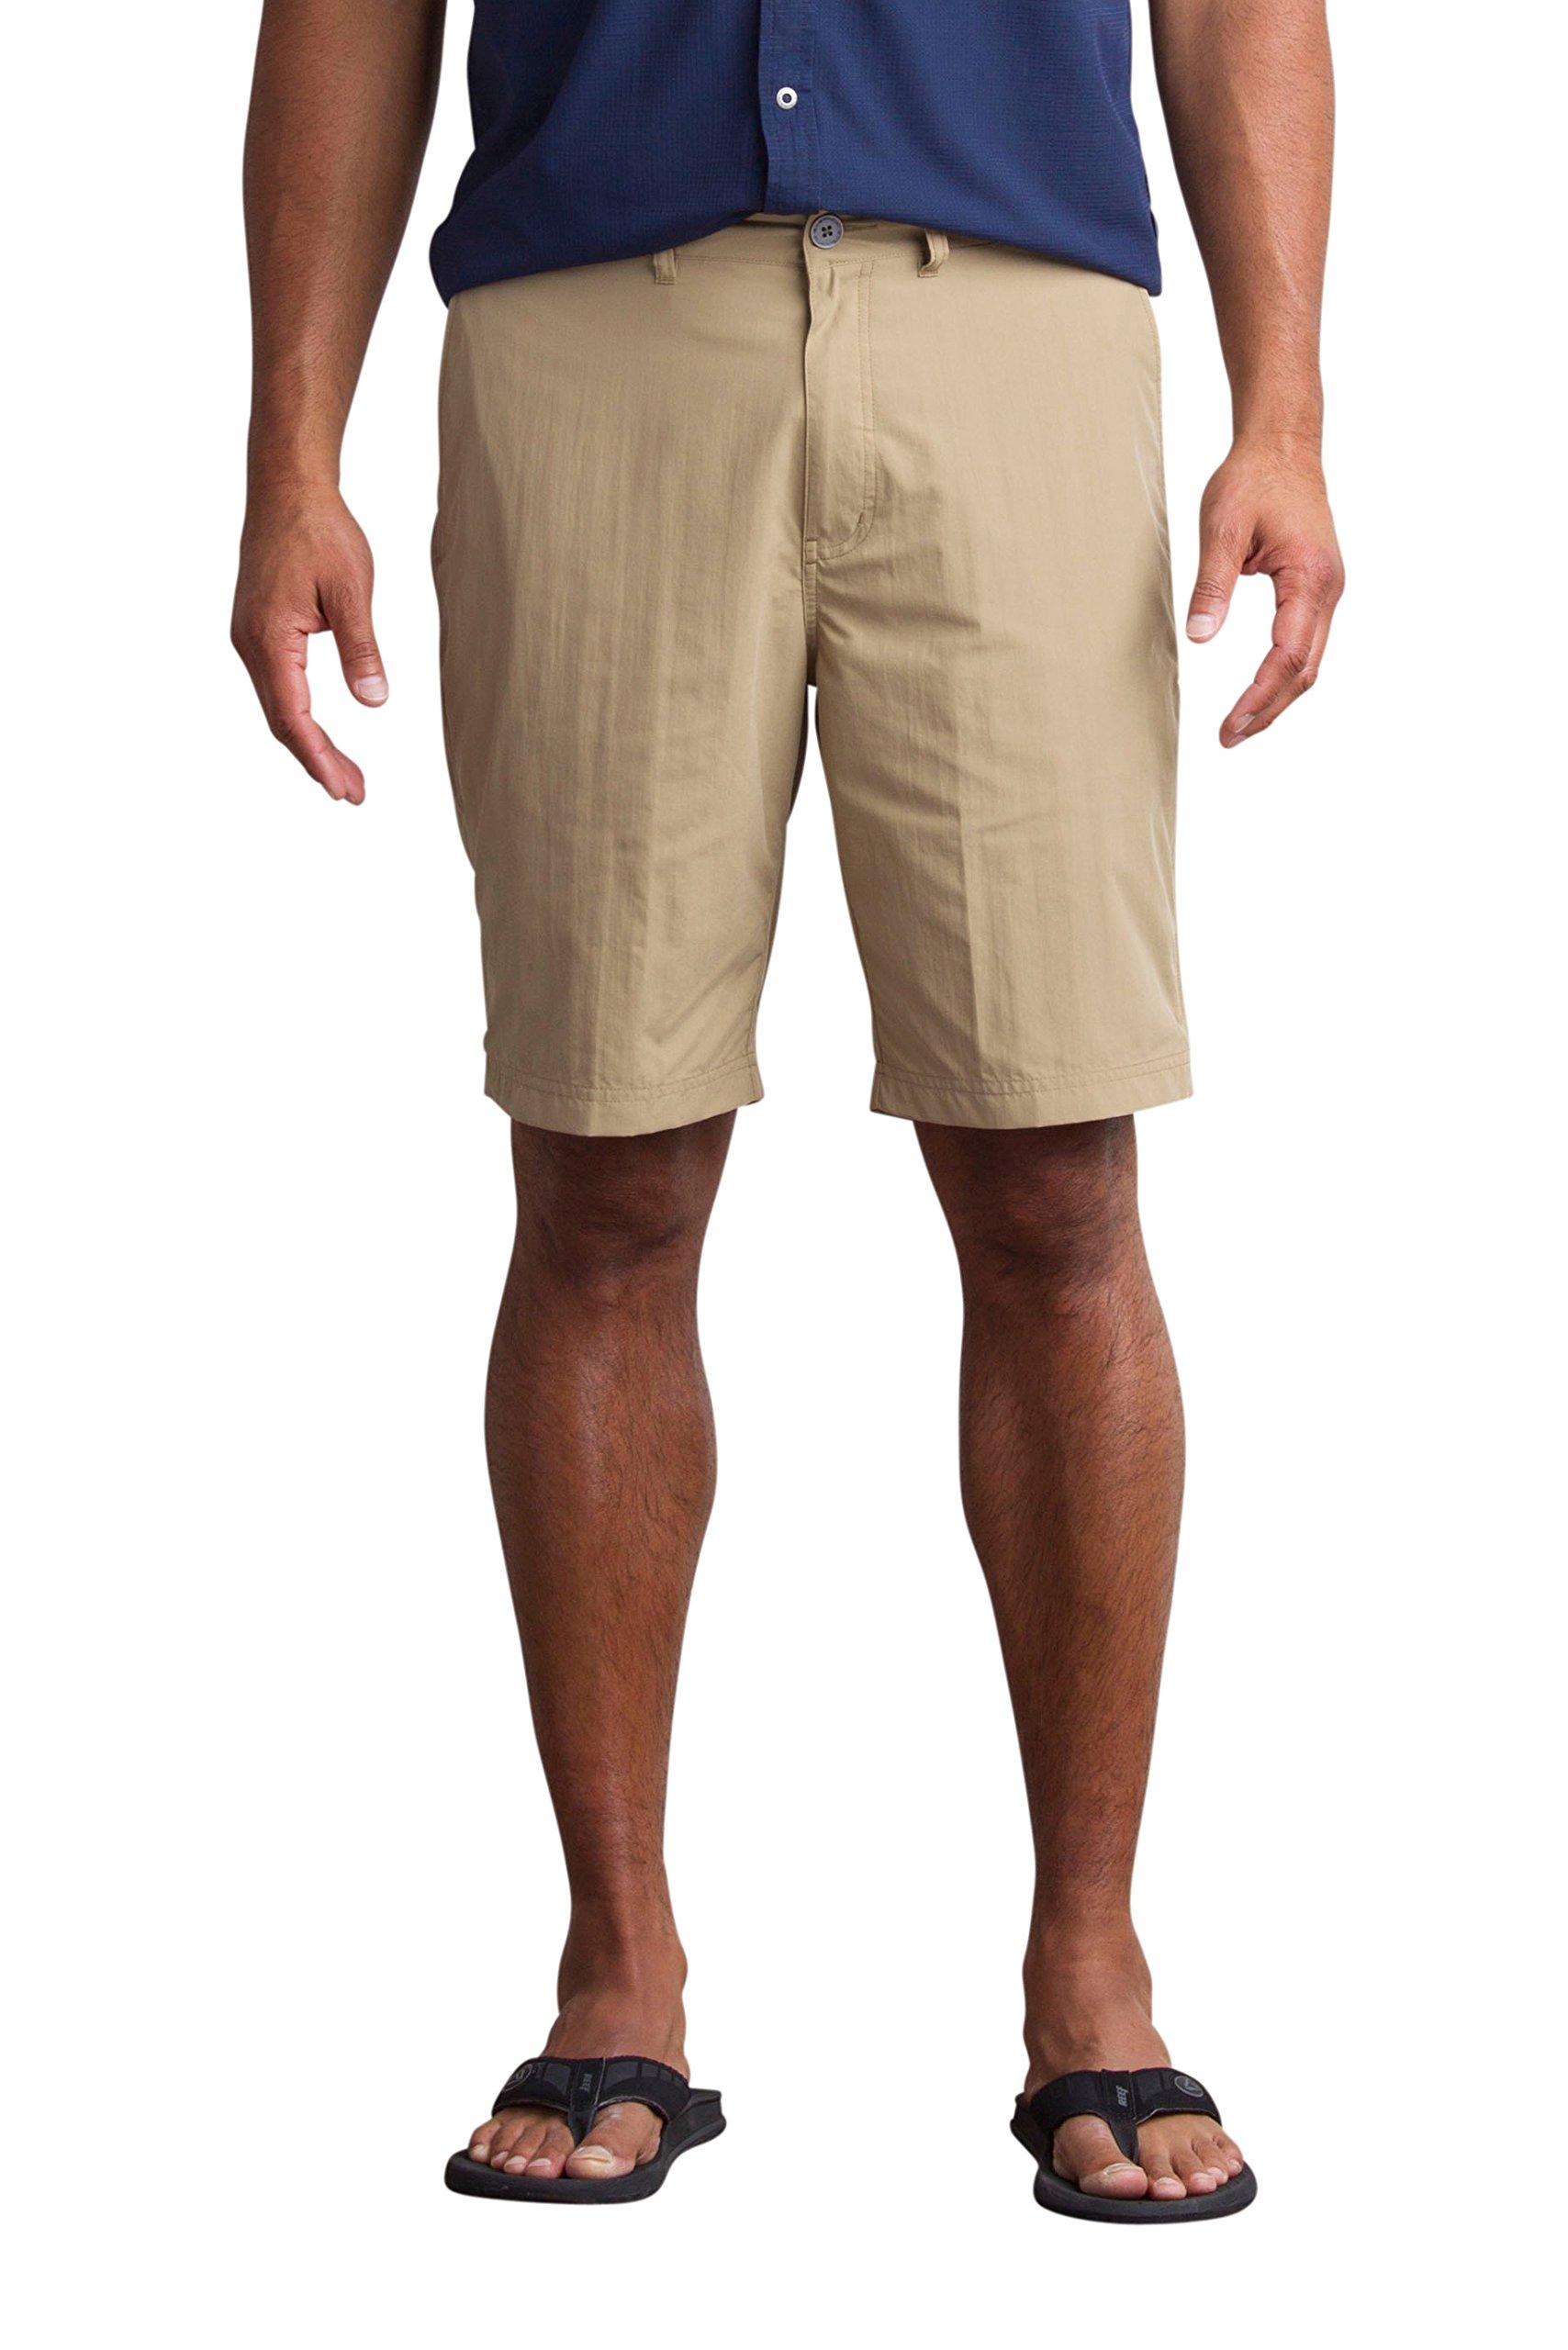 ExOfficio Men's Standard Sol Cool Nomad